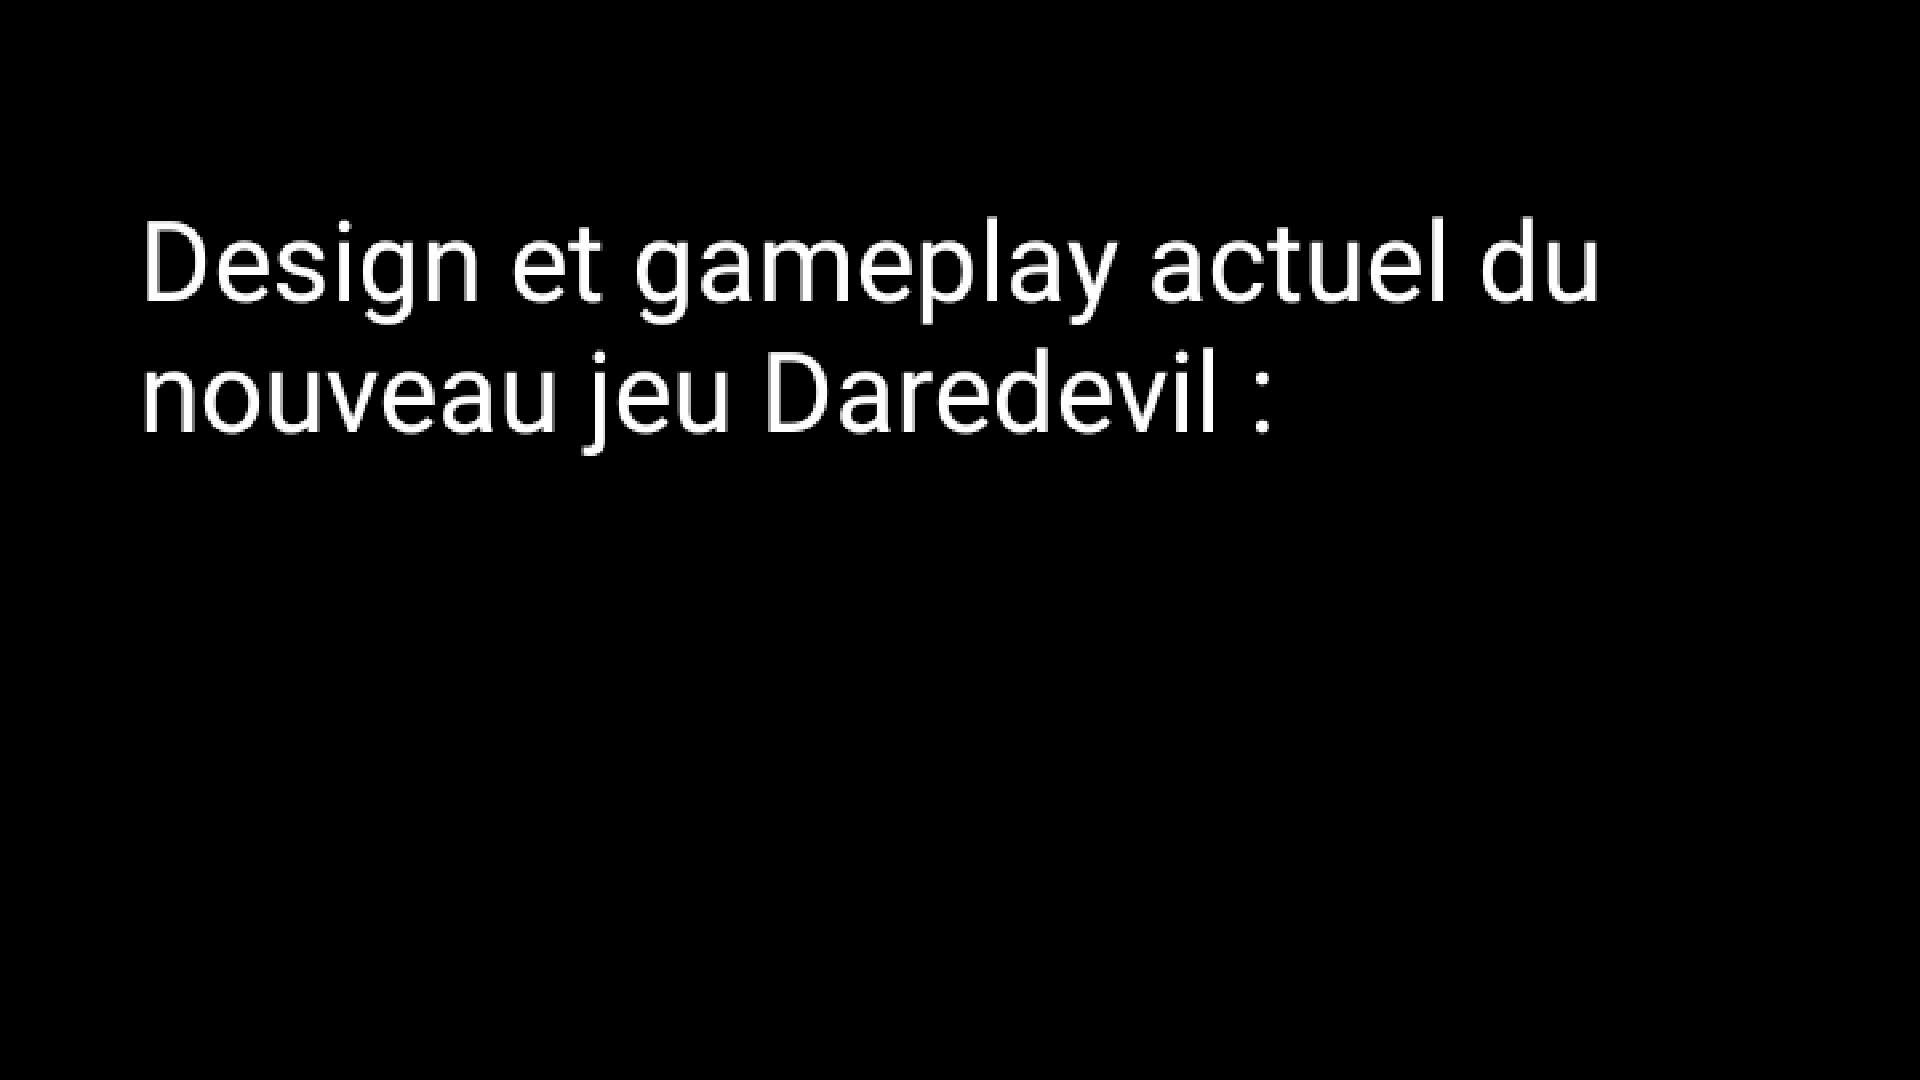 Daredevil! - meme